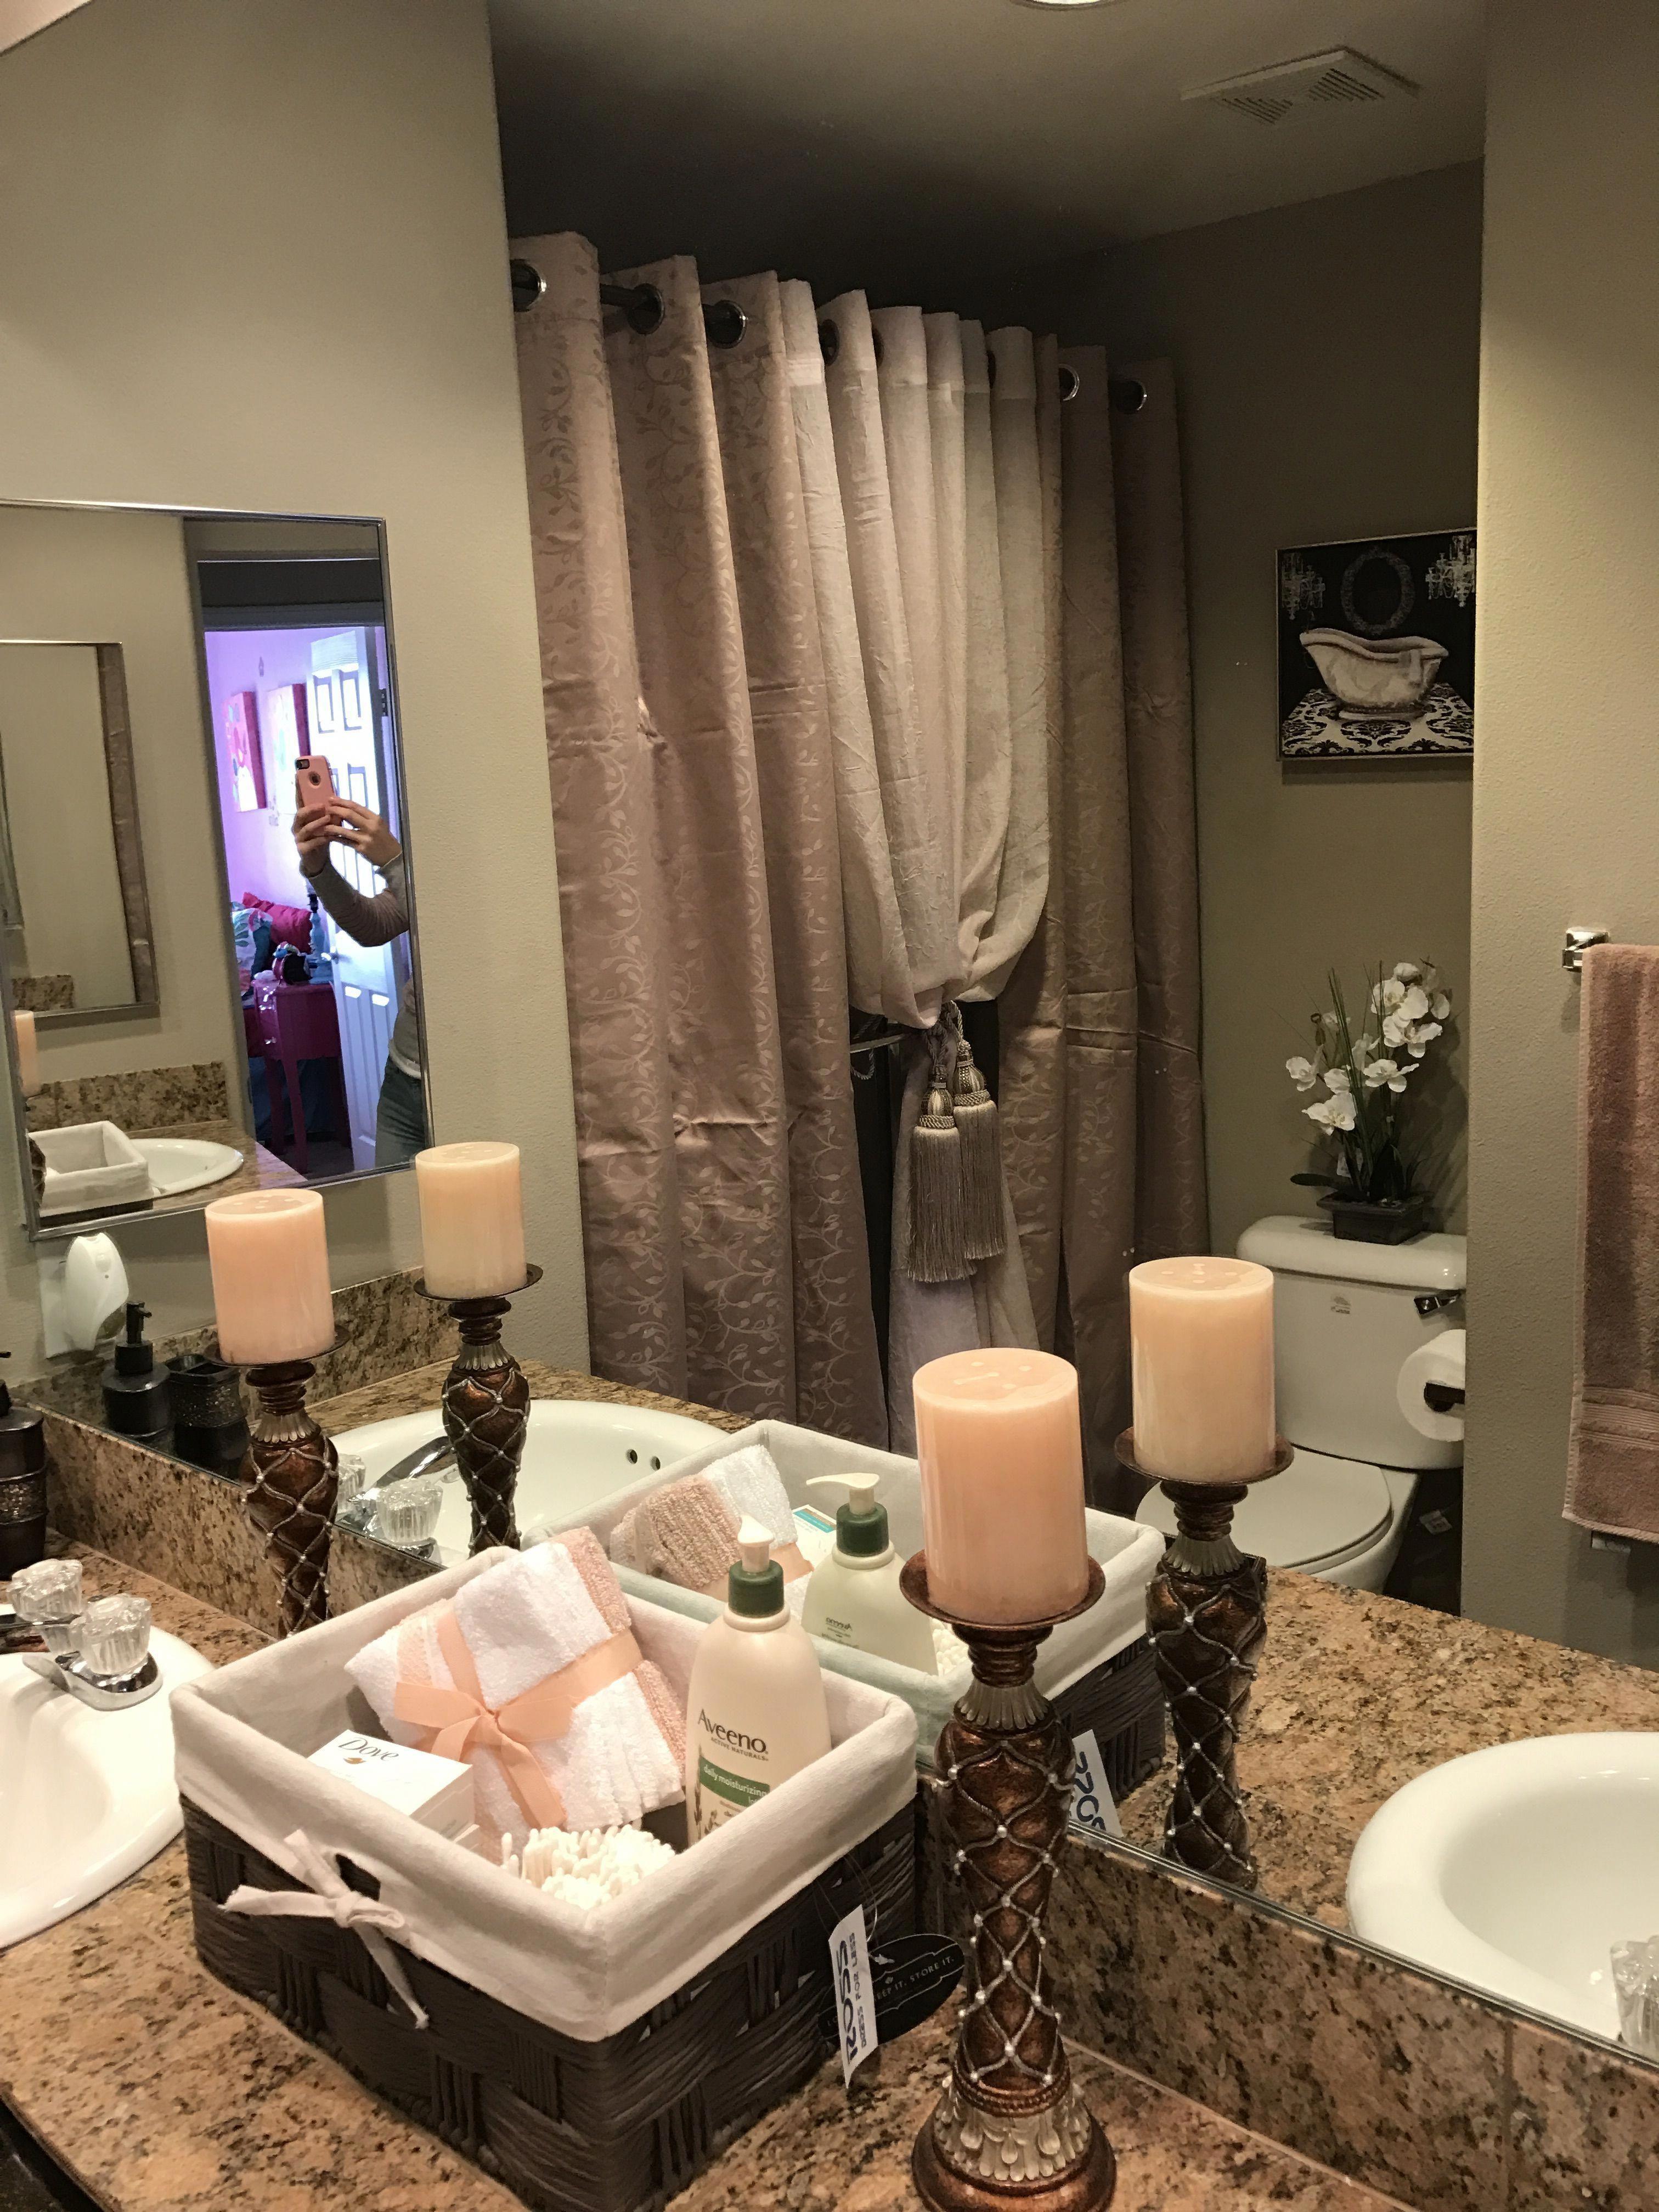 Bathoom Ideas Eye Catching Bathroom Ideas For That Modern Yet Amazing Big Bathroom Decor Ideas Bathroom St Spa Bathroom Decor Restroom Decor Big Bathroom Decor